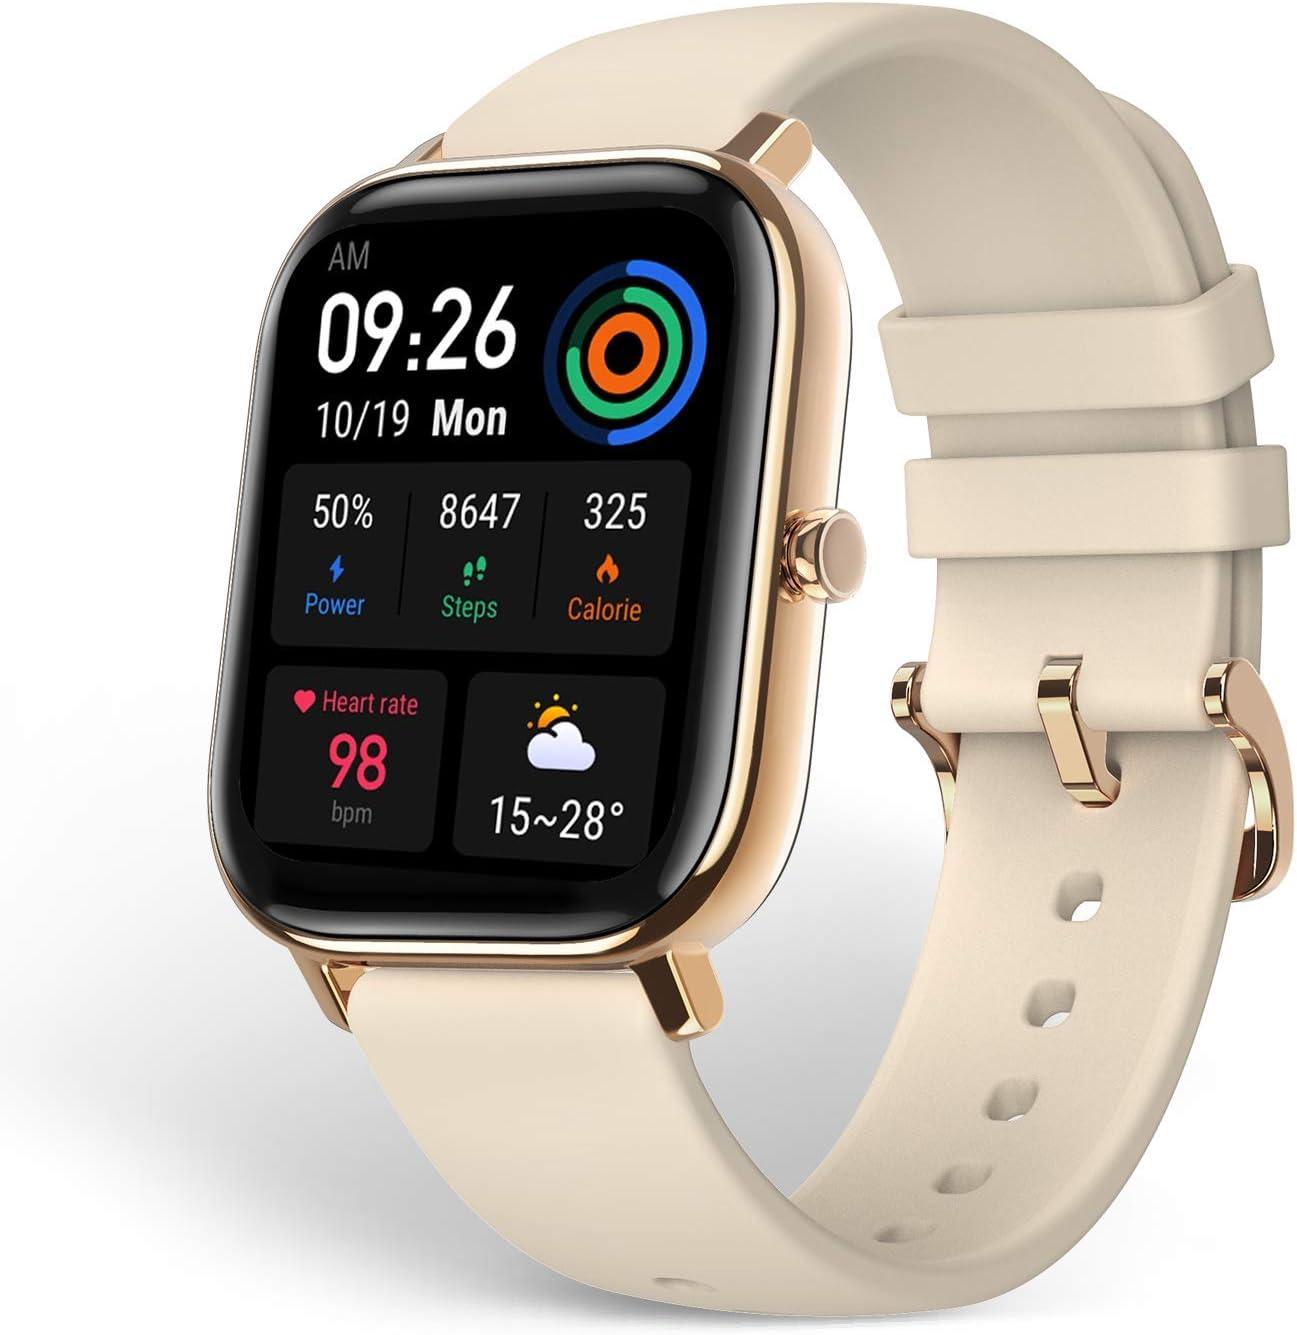 Amazfit GTS Reloj Inteligente Smartwactch Deportivo 14 días de Duración Batería GPS+Glonass Seguimiento Biológico BioTracker™ PPG Frecuencia Cardíaca 5ATM Bluetooth 5.0 iOS & Android (Gold)